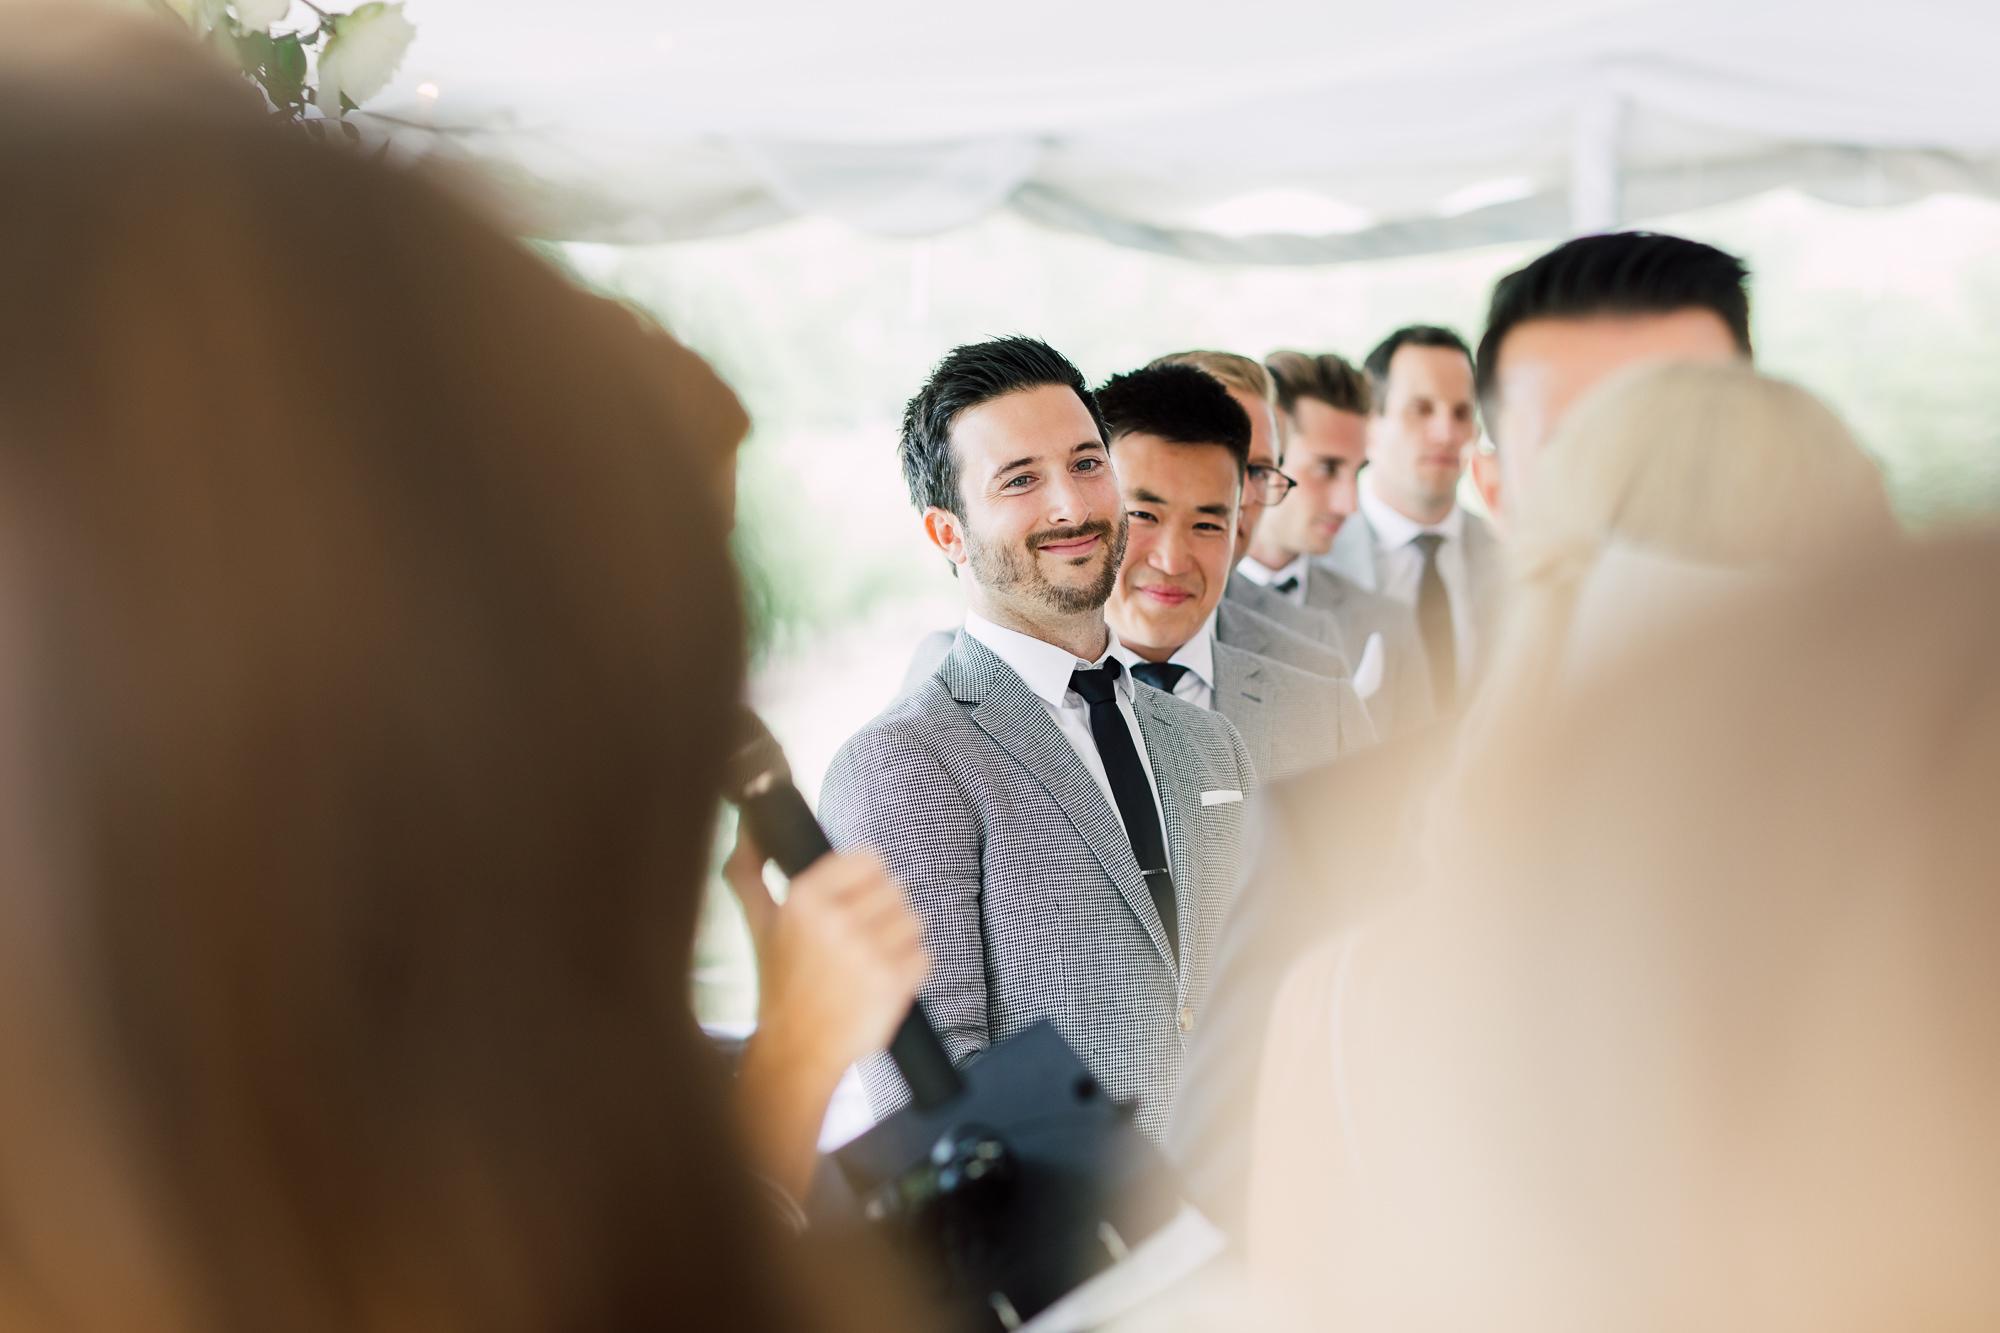 candid groomsmen ceremony